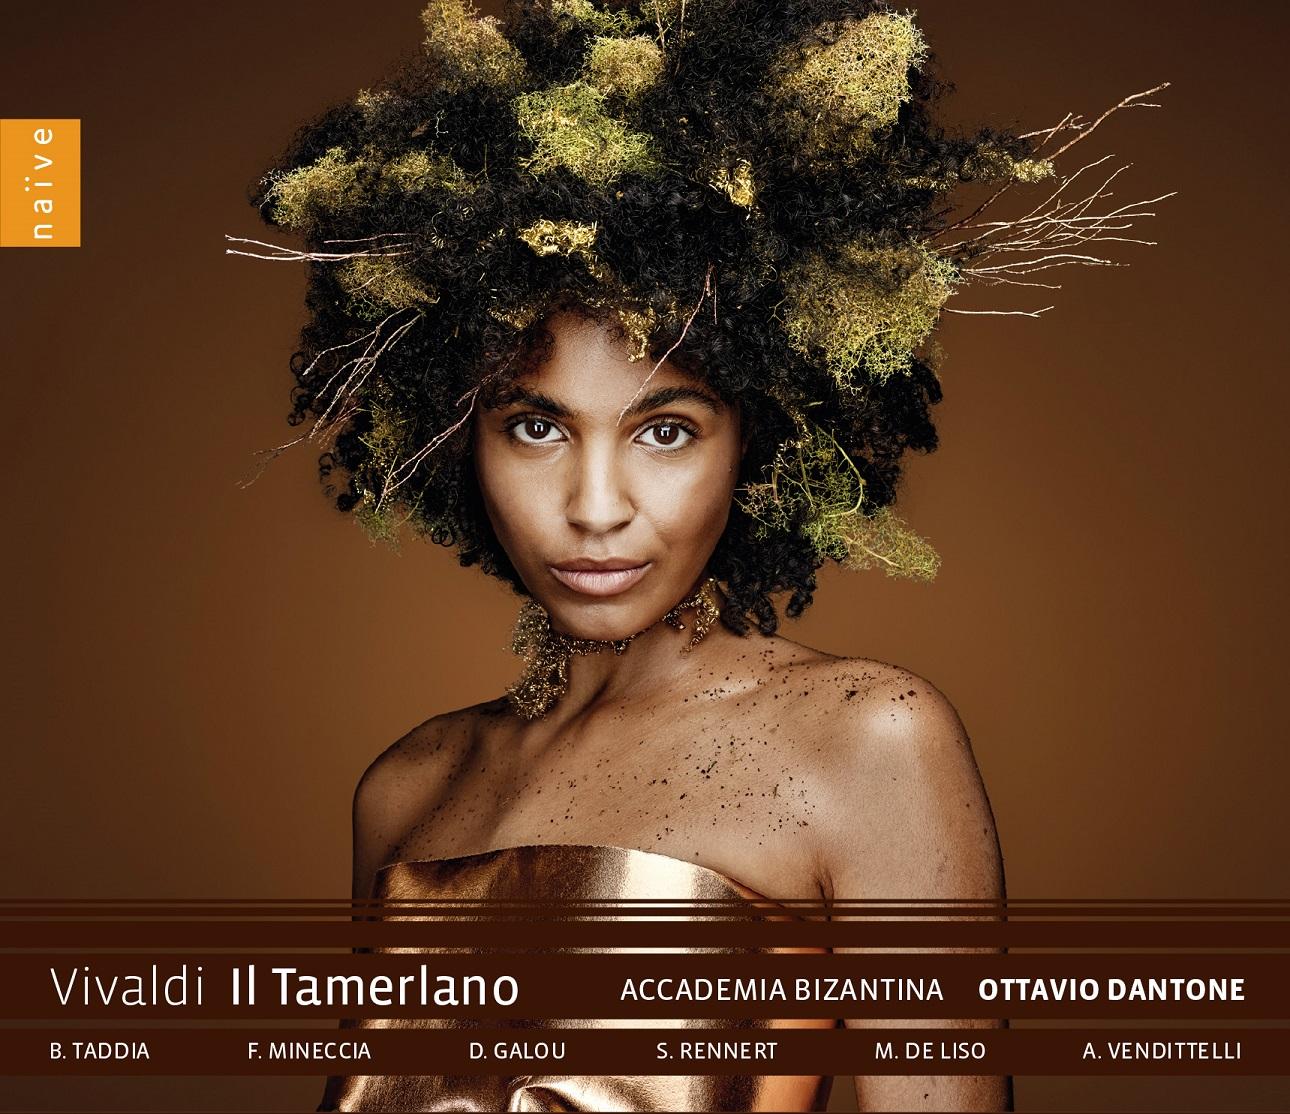 BWW Review: Vivaldi's Tamerlano on Naïve's Vivaldi Edition